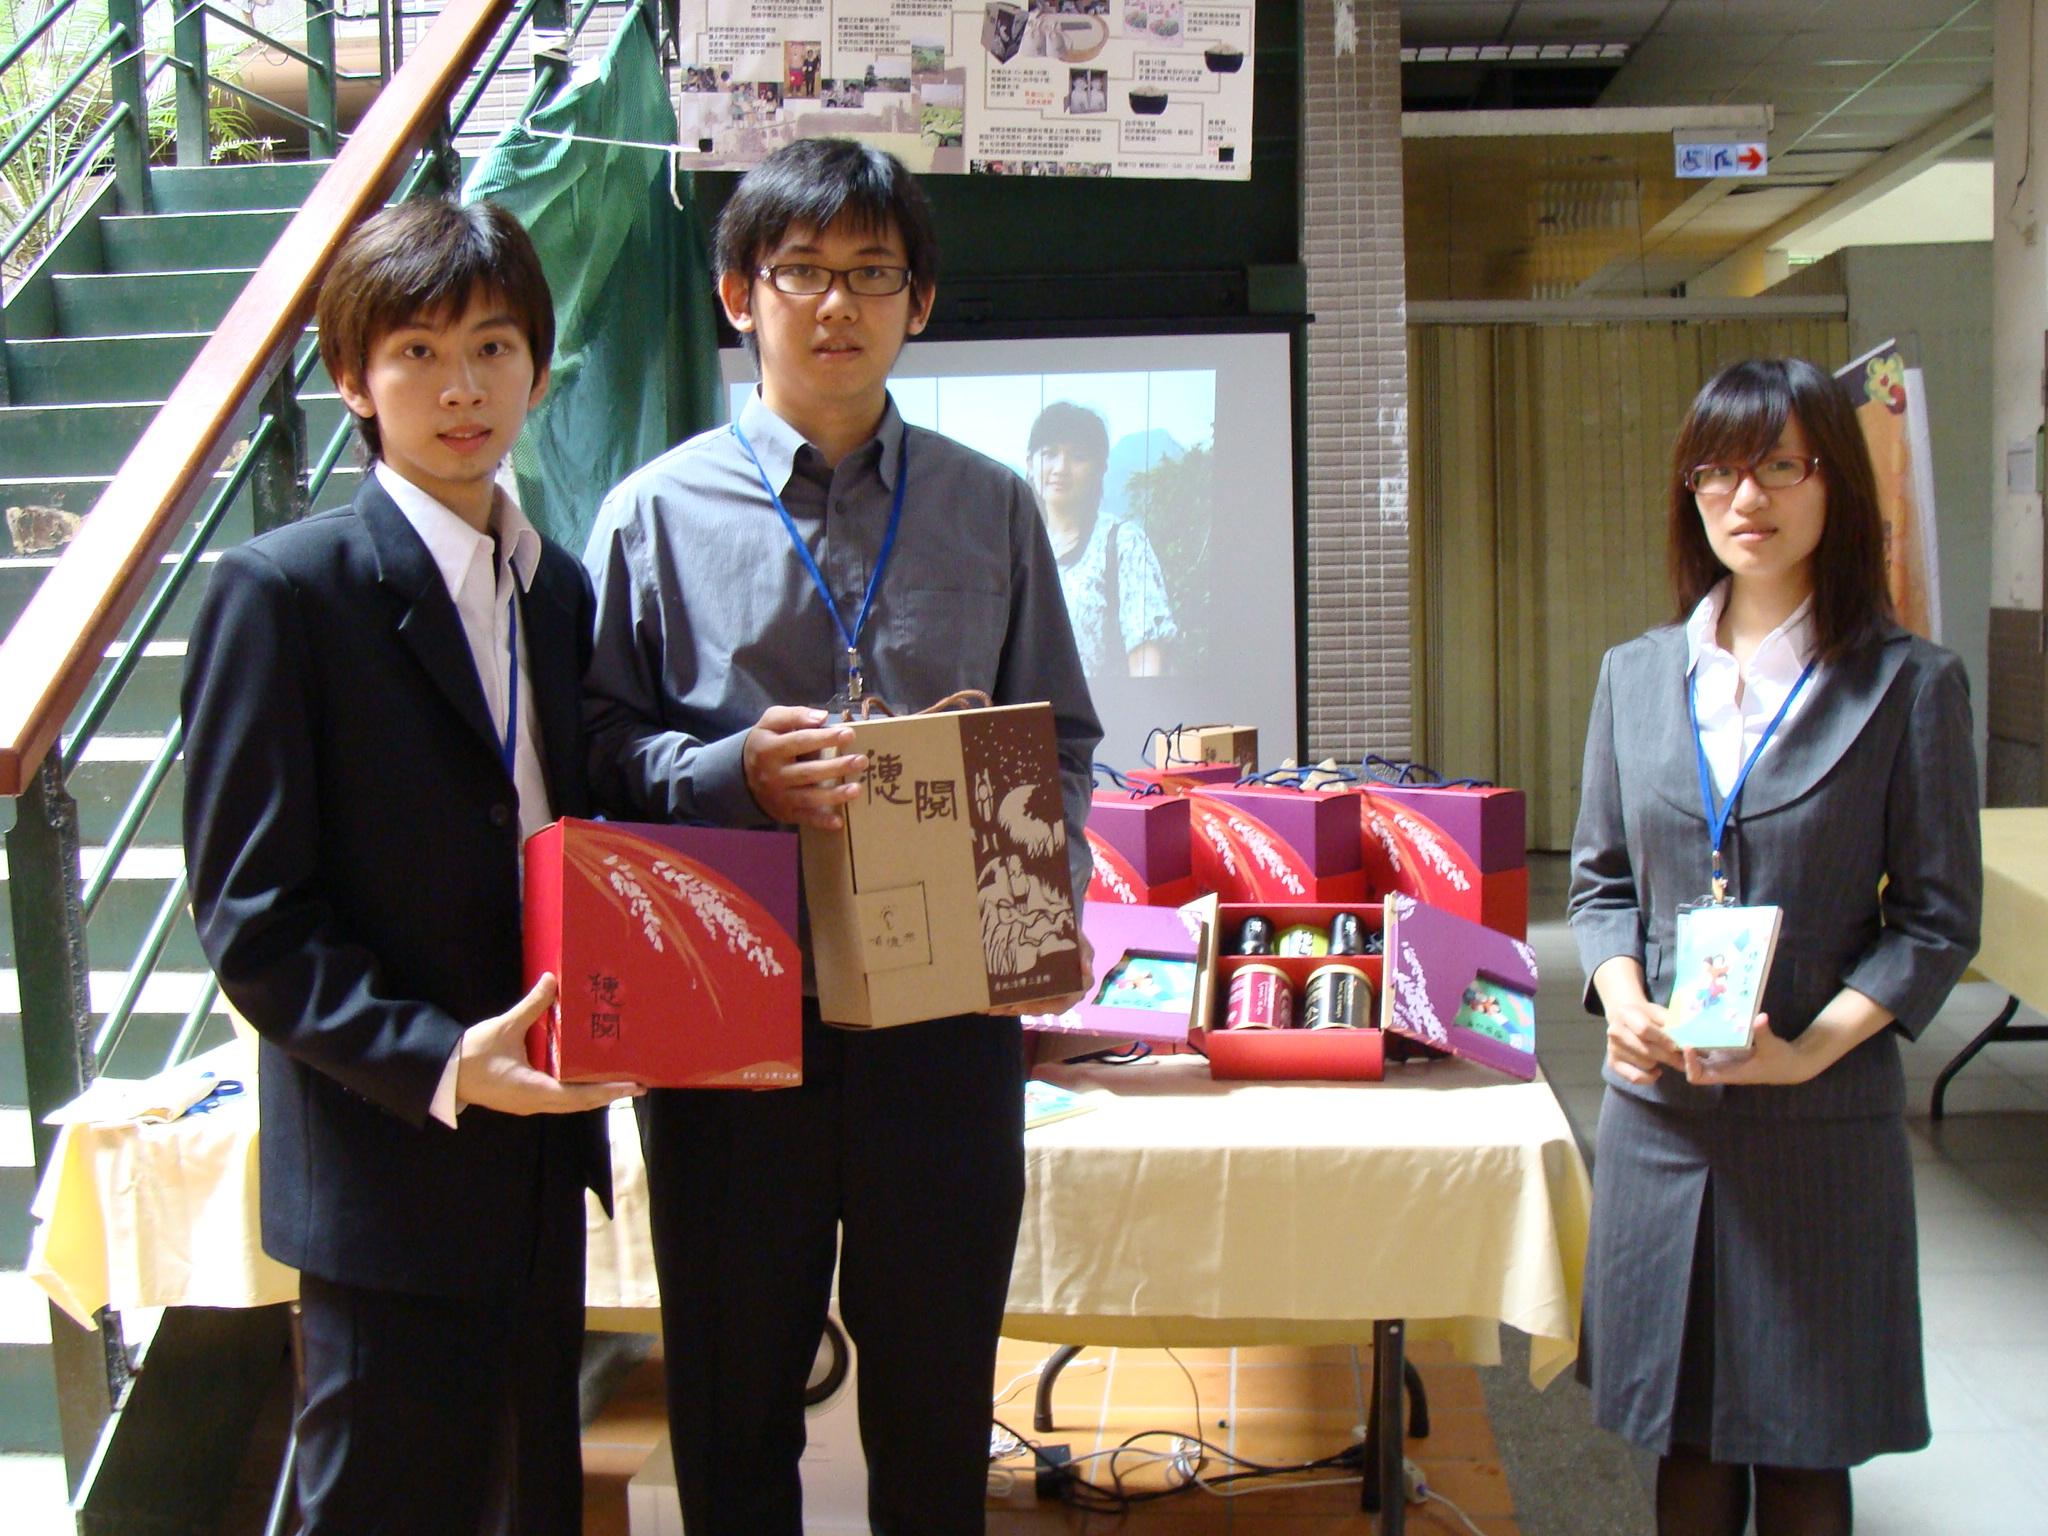 中原大學激發學生創業精神 7隊伍競逐20萬元創業基金